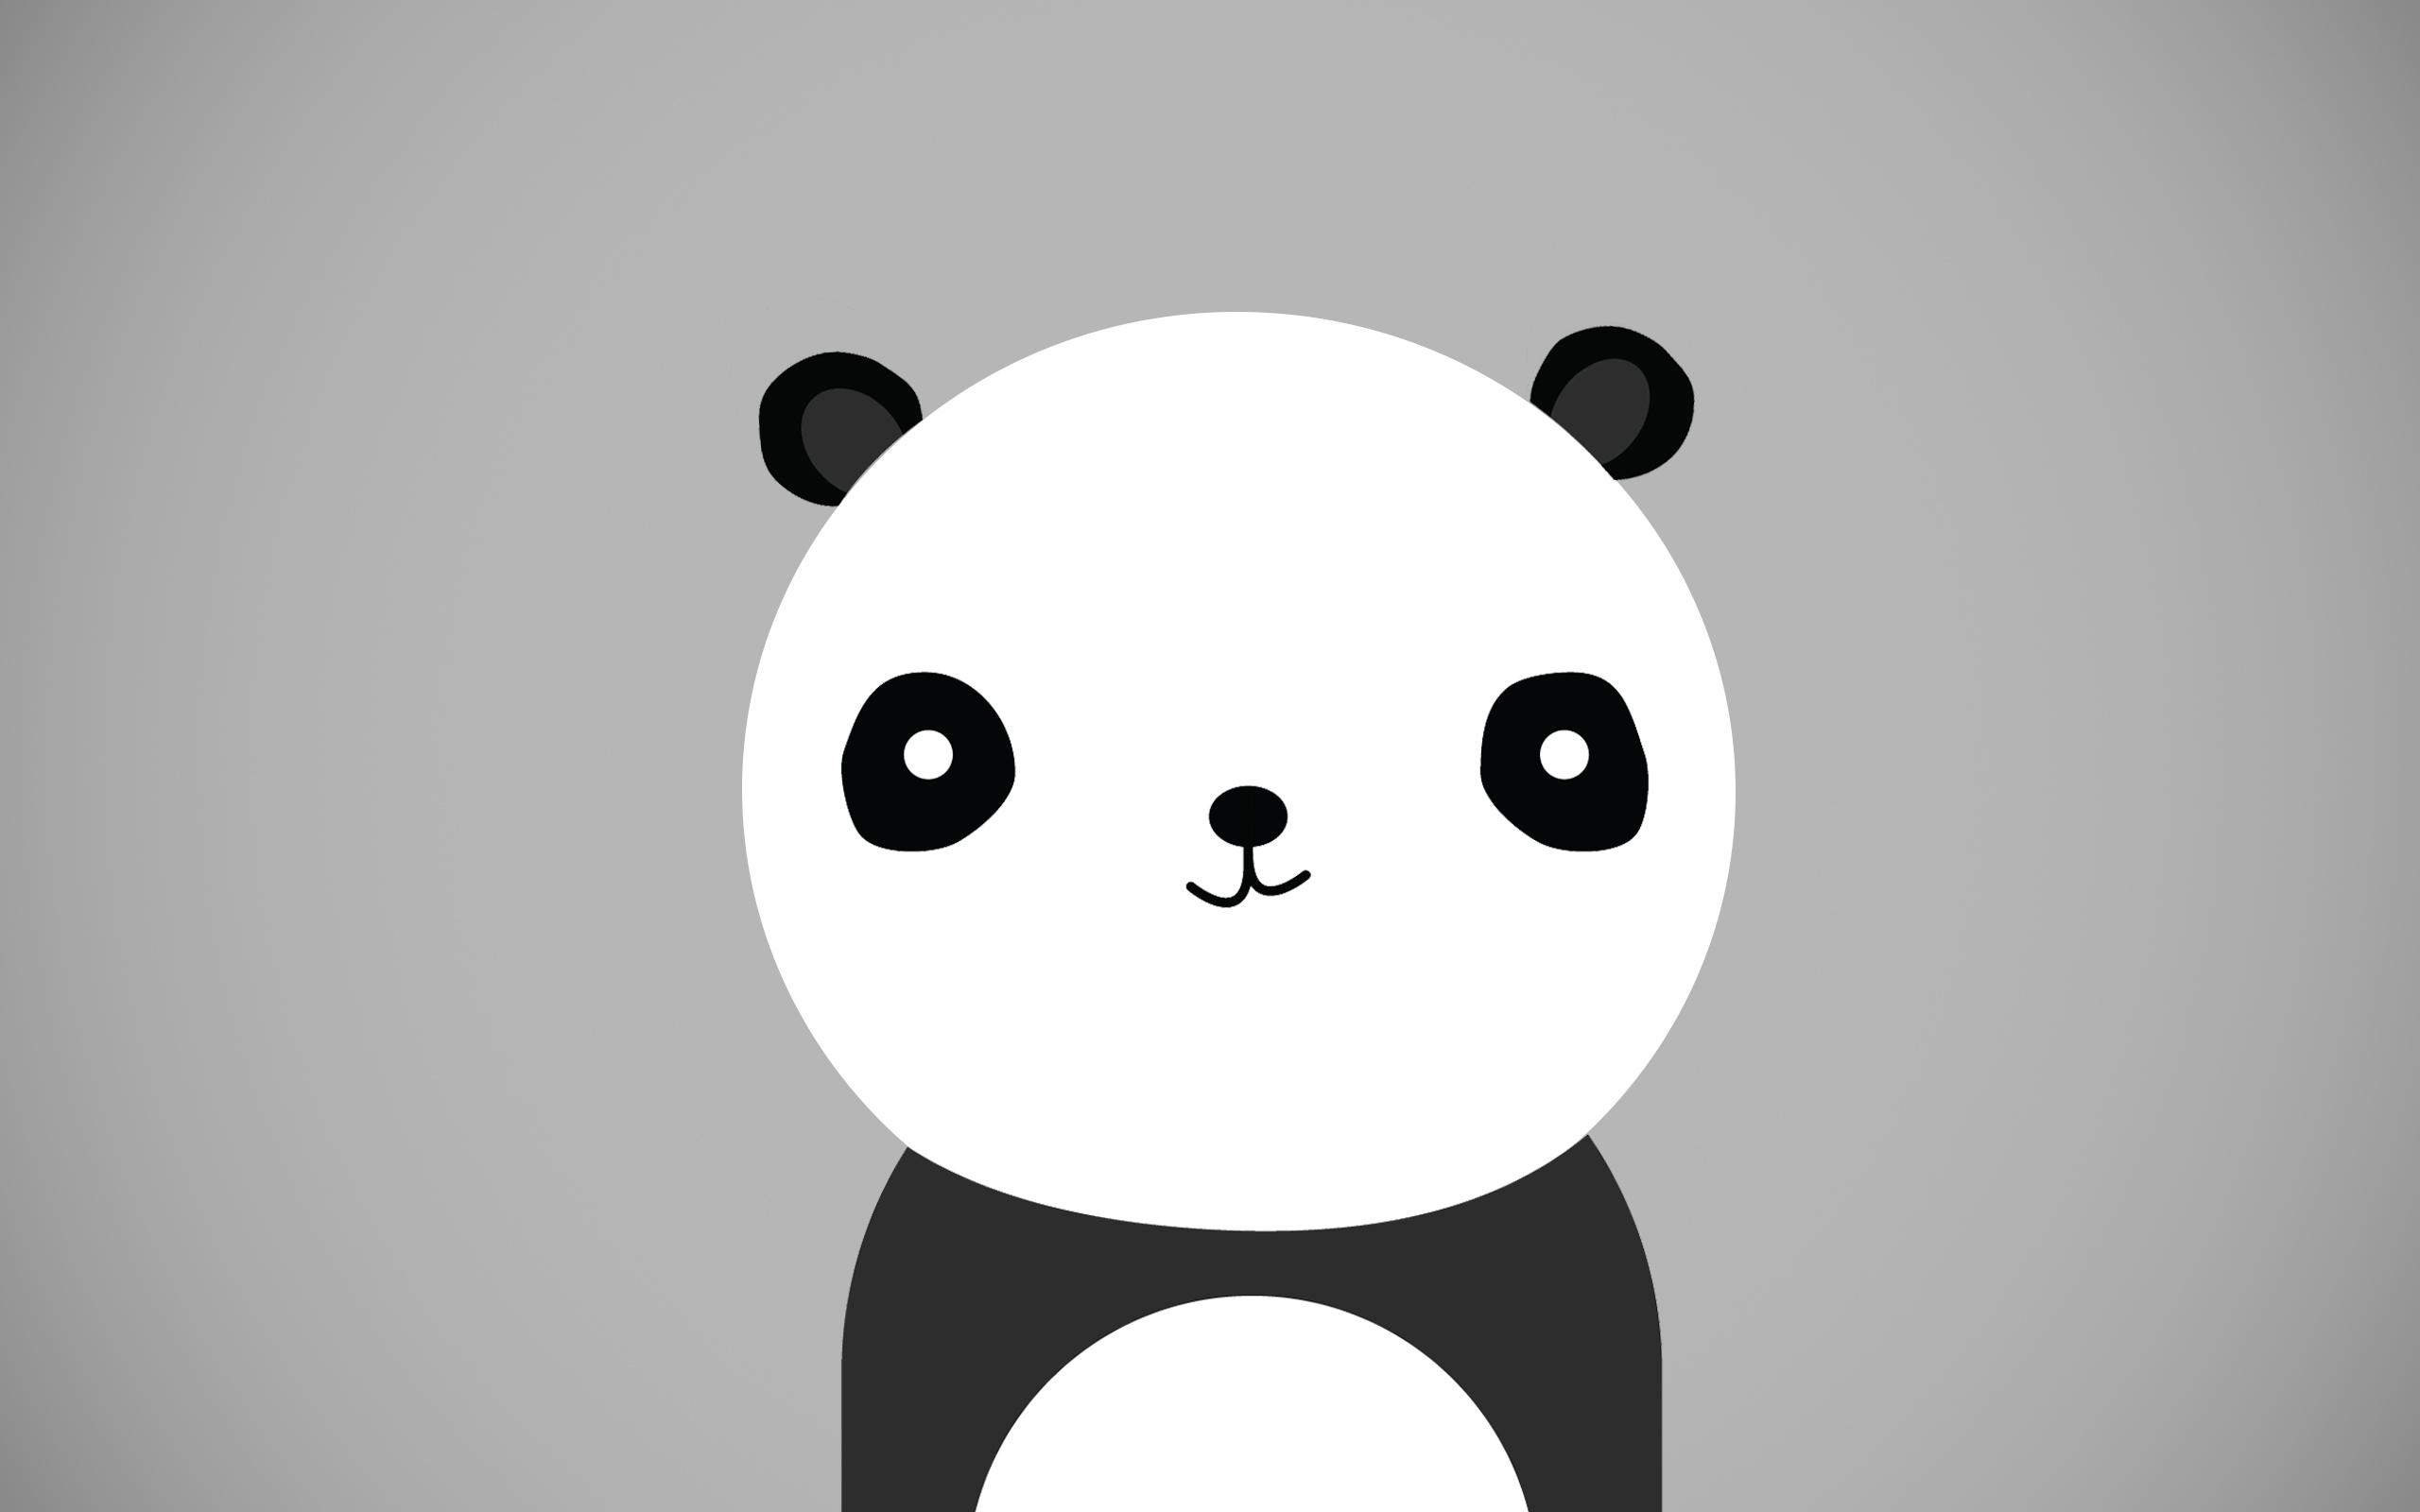 миленькие панды  № 3356322 бесплатно